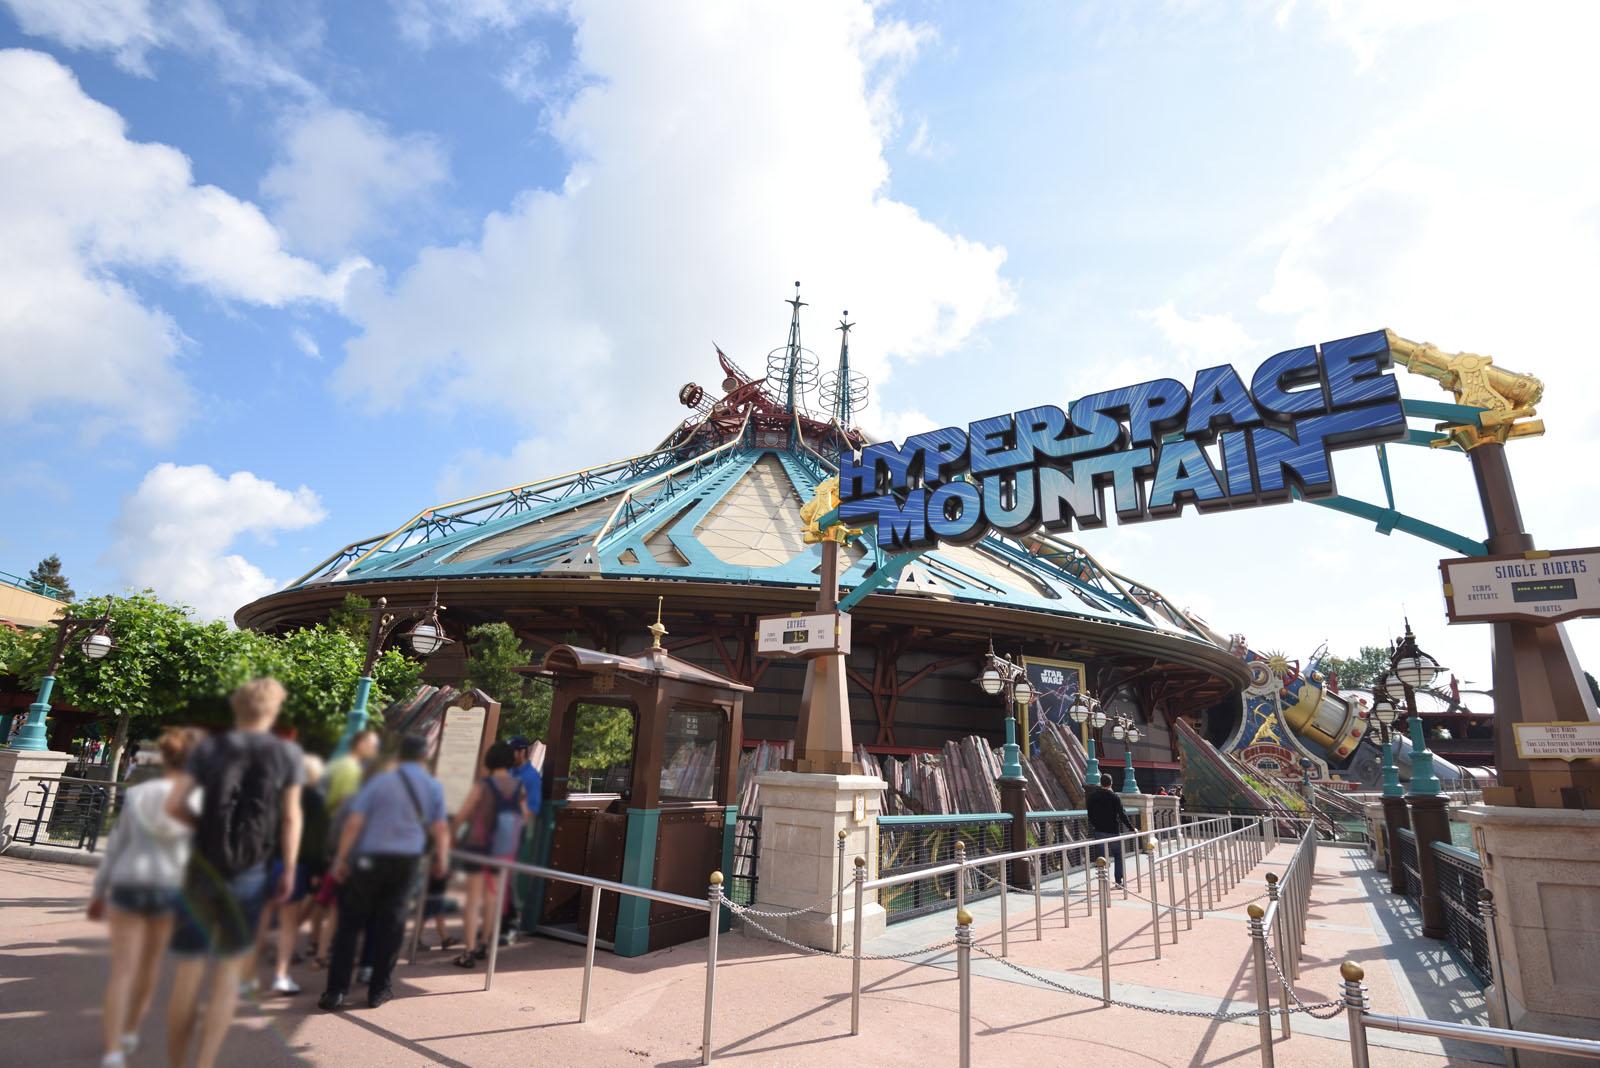 ディズニーランド・パリ スター・ウォーズ・ハイパースペース・マウンテン Disneyland Paris Star Wars Hyperspace Mountain